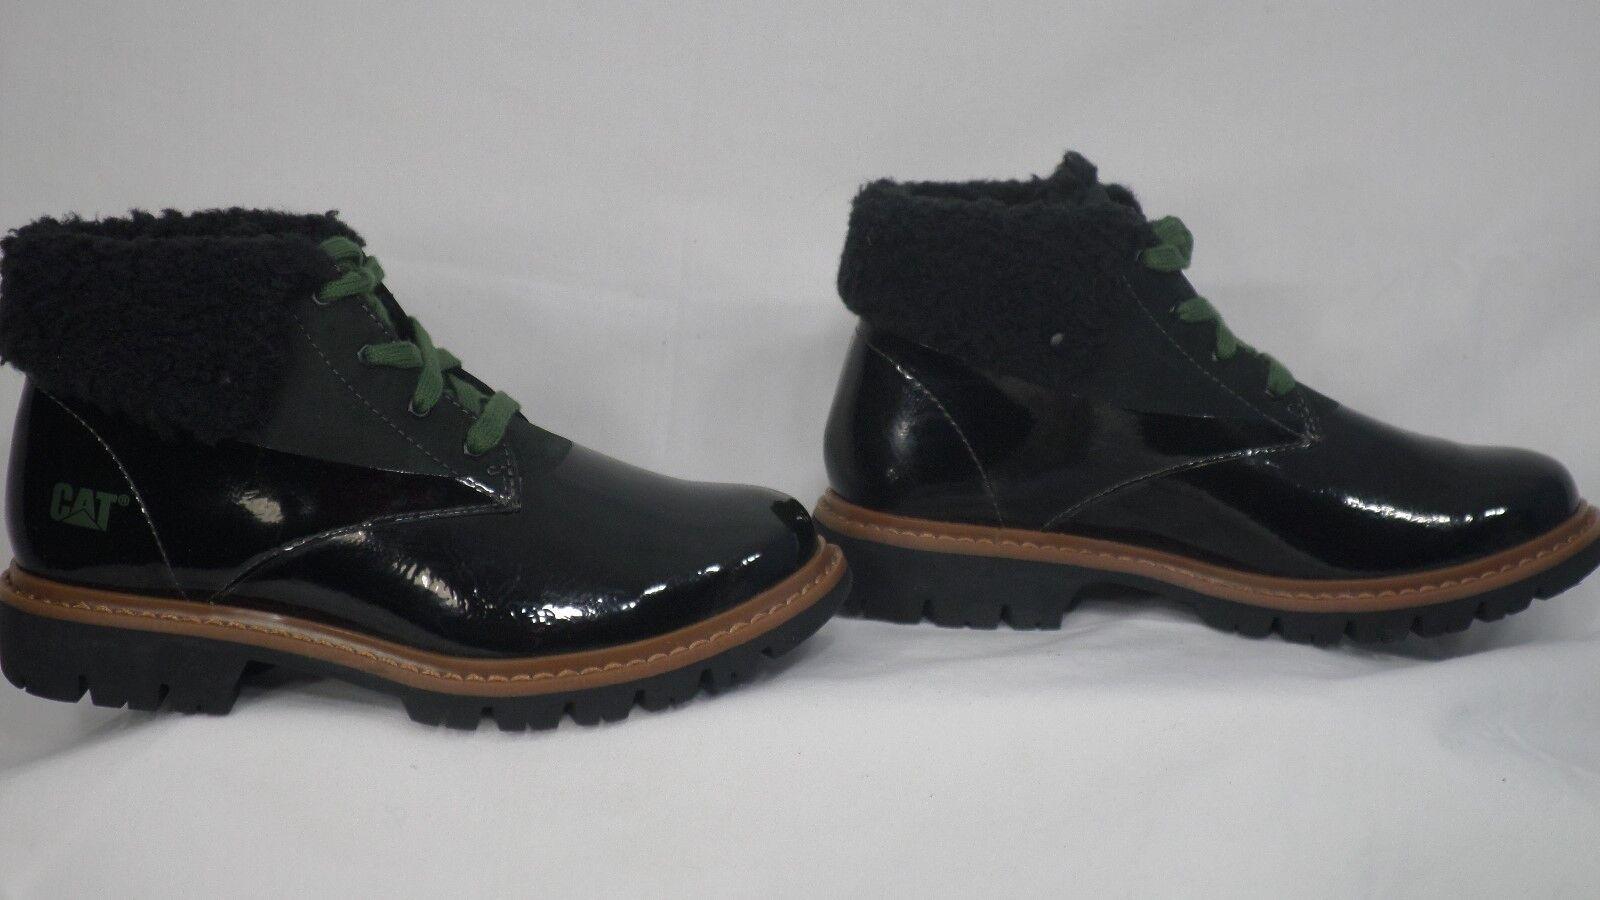 CAT Footwear 'Hub Fur' Black Patent/Nubuck Leather Fur Cuff Bootie Size 5.5 M